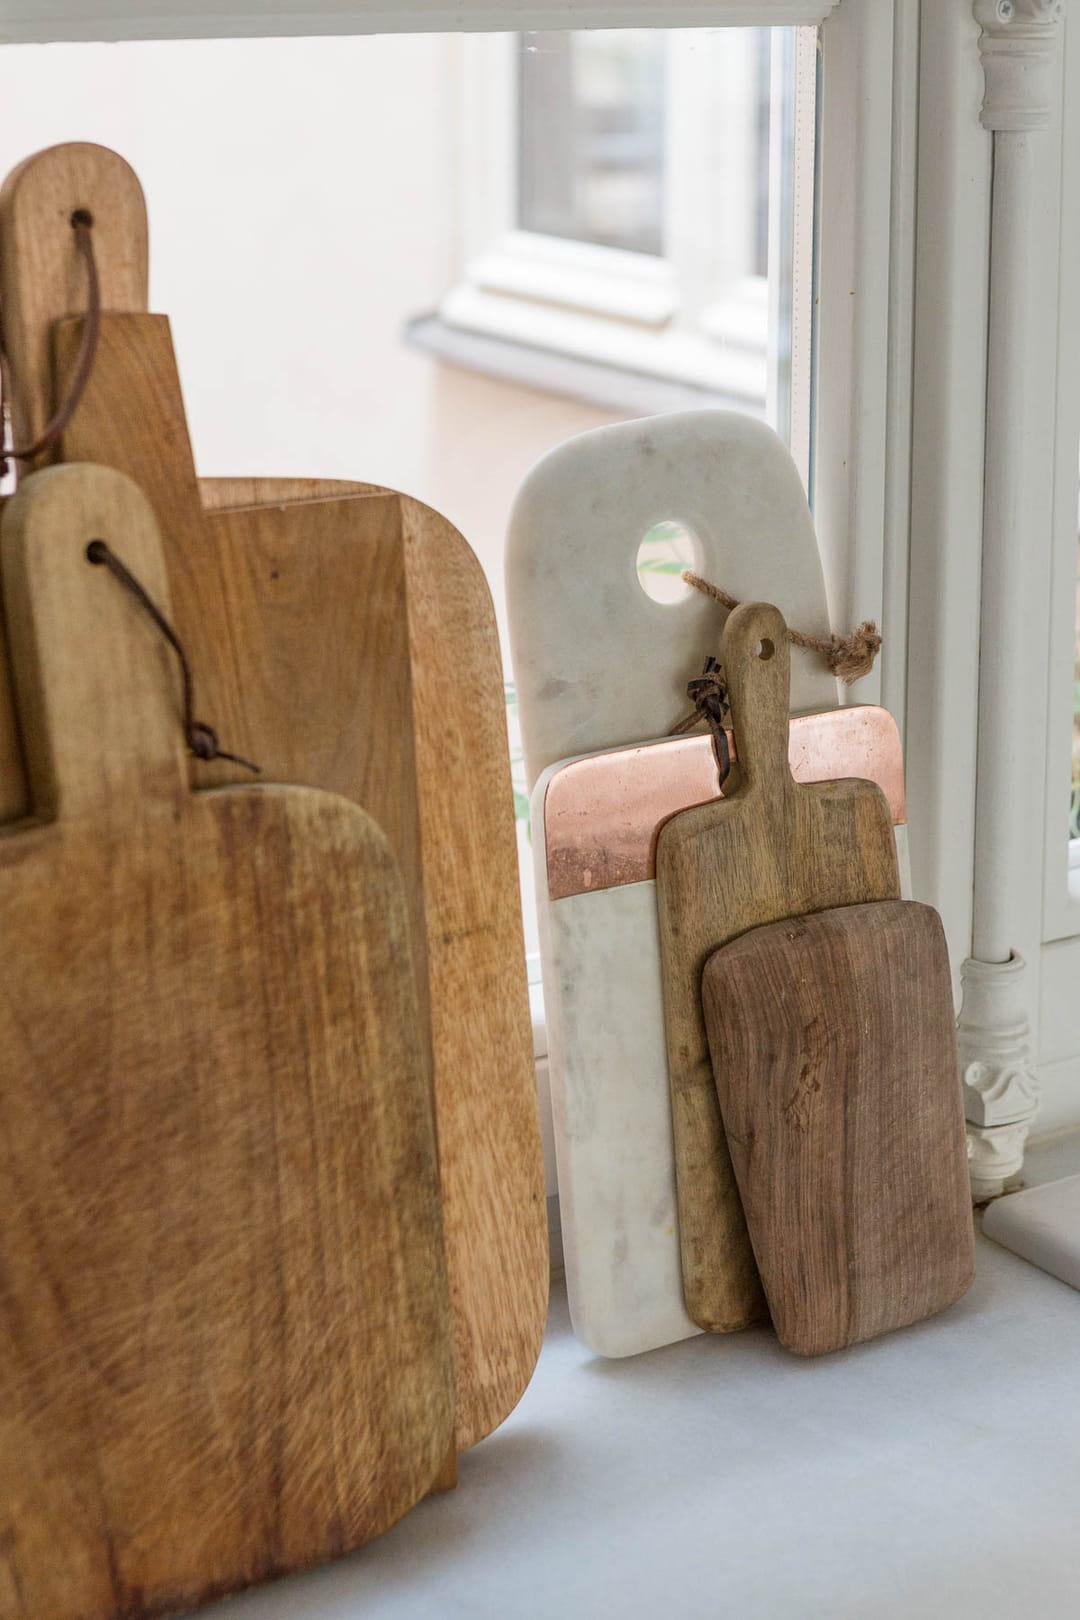 planche-a-decouper-marbre-bois-cuisine